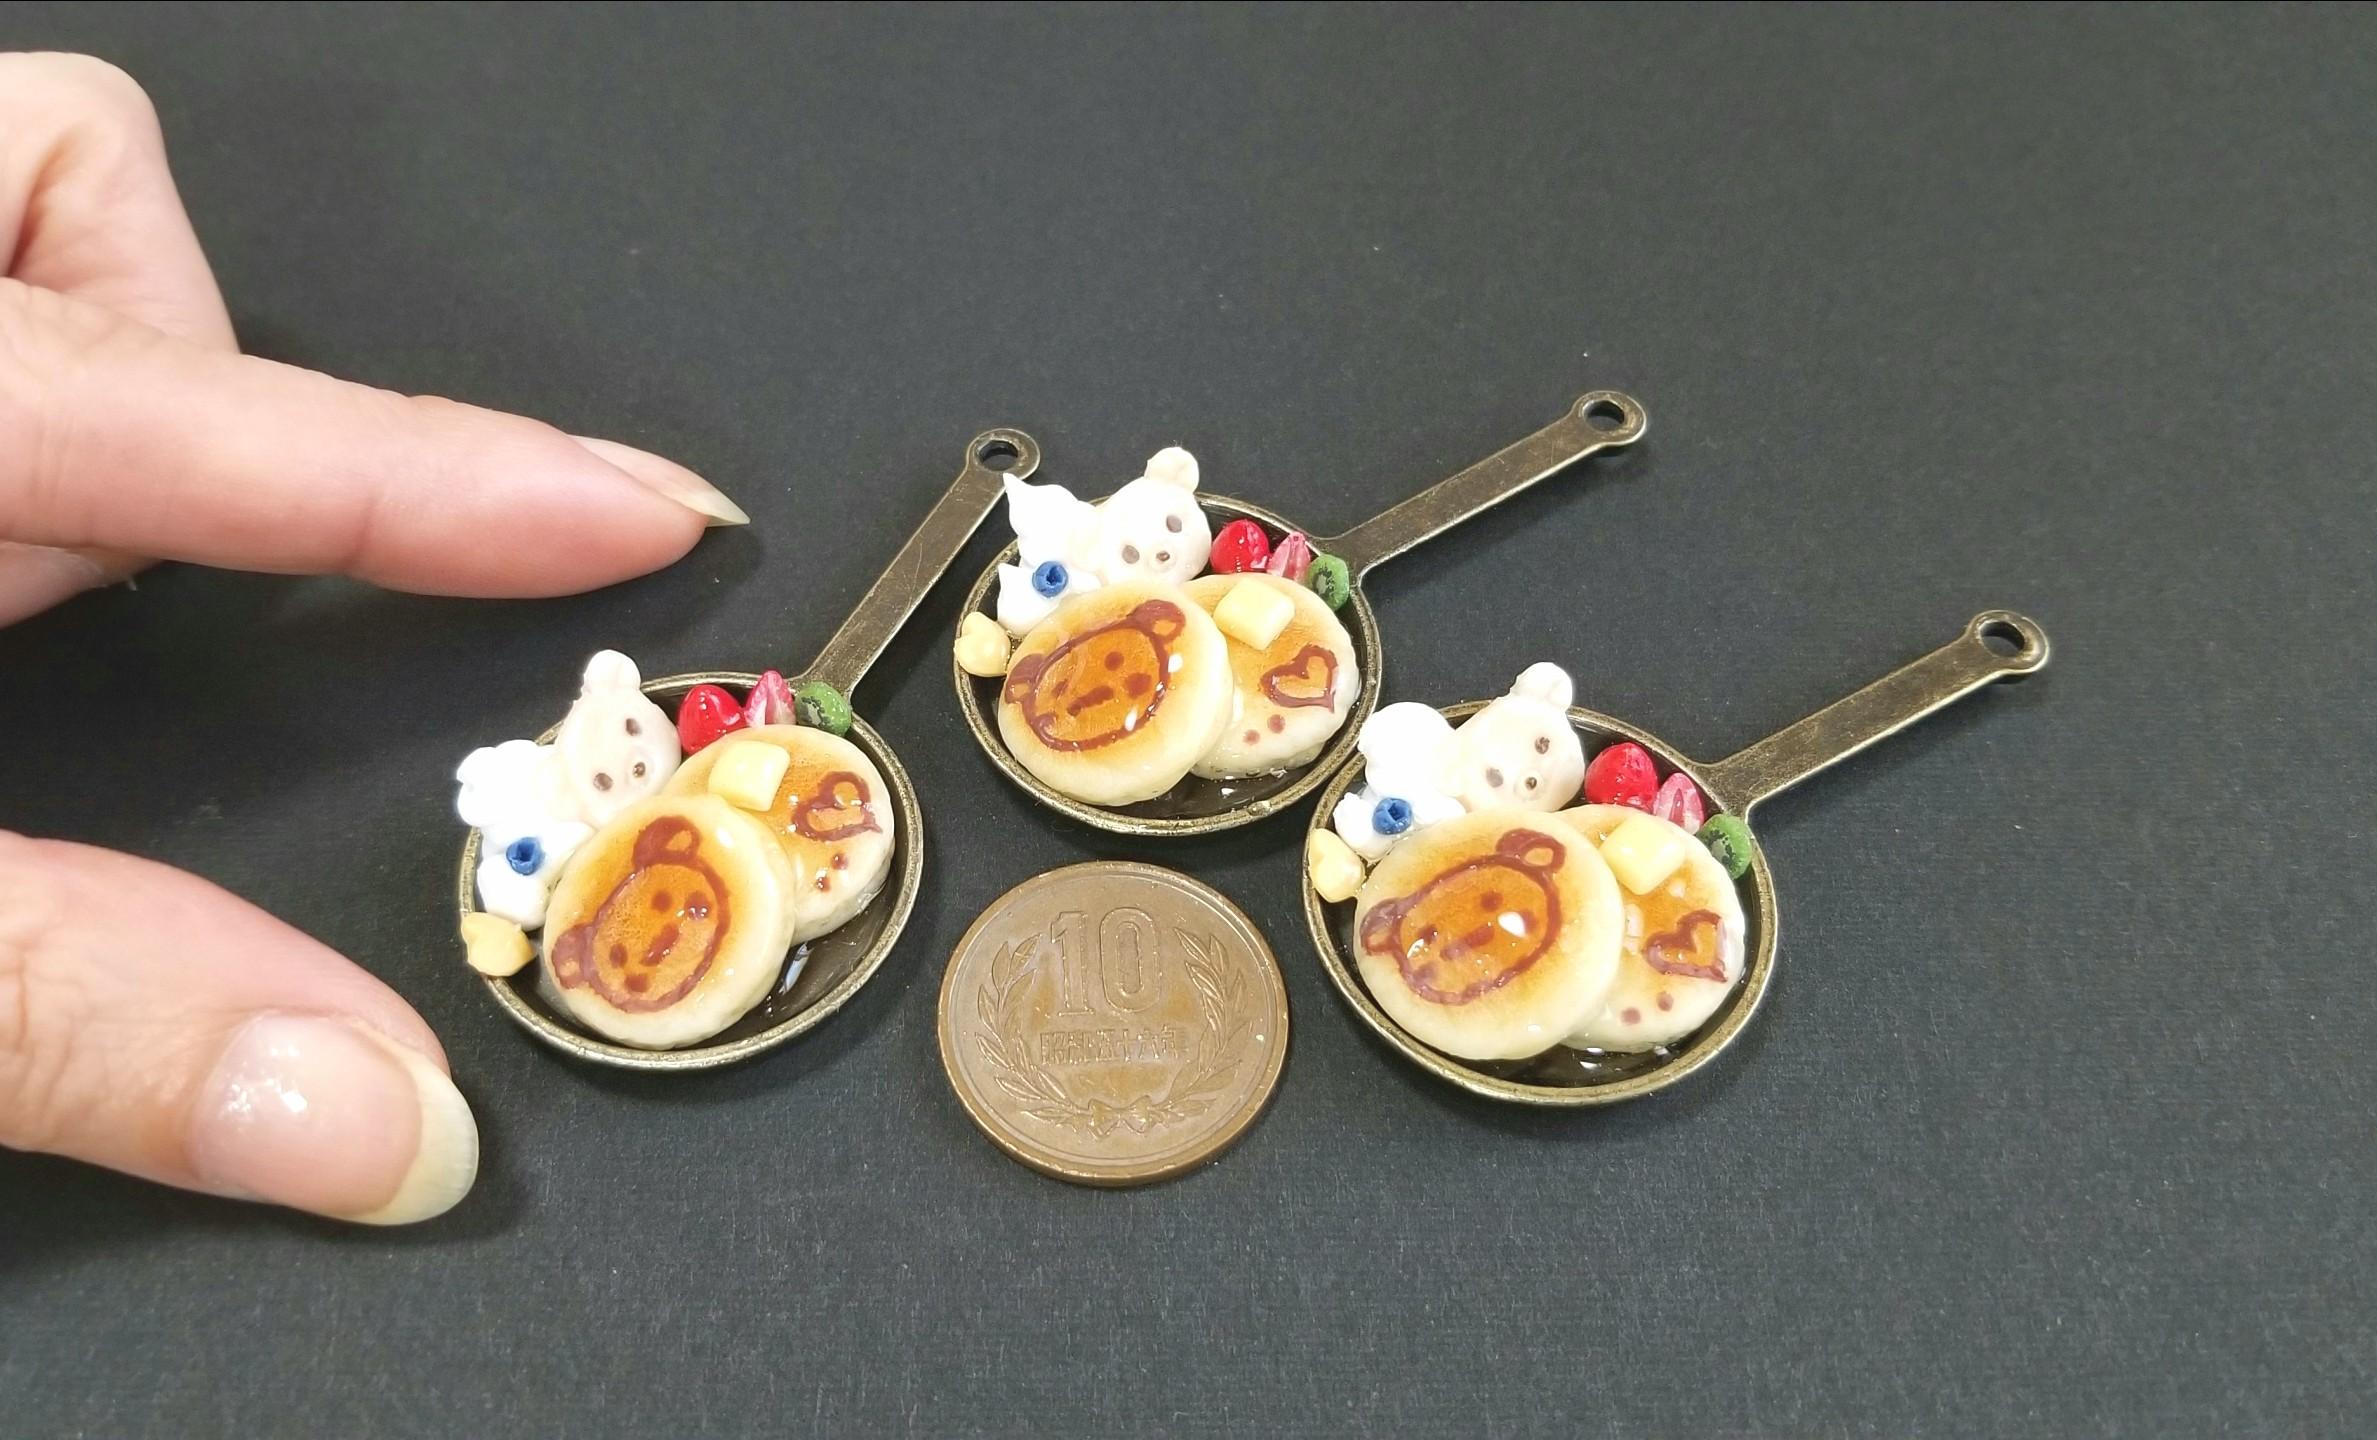 ミニチュアフード,クマちゃんのホットケーキ,食品サンプル,樹脂粘土